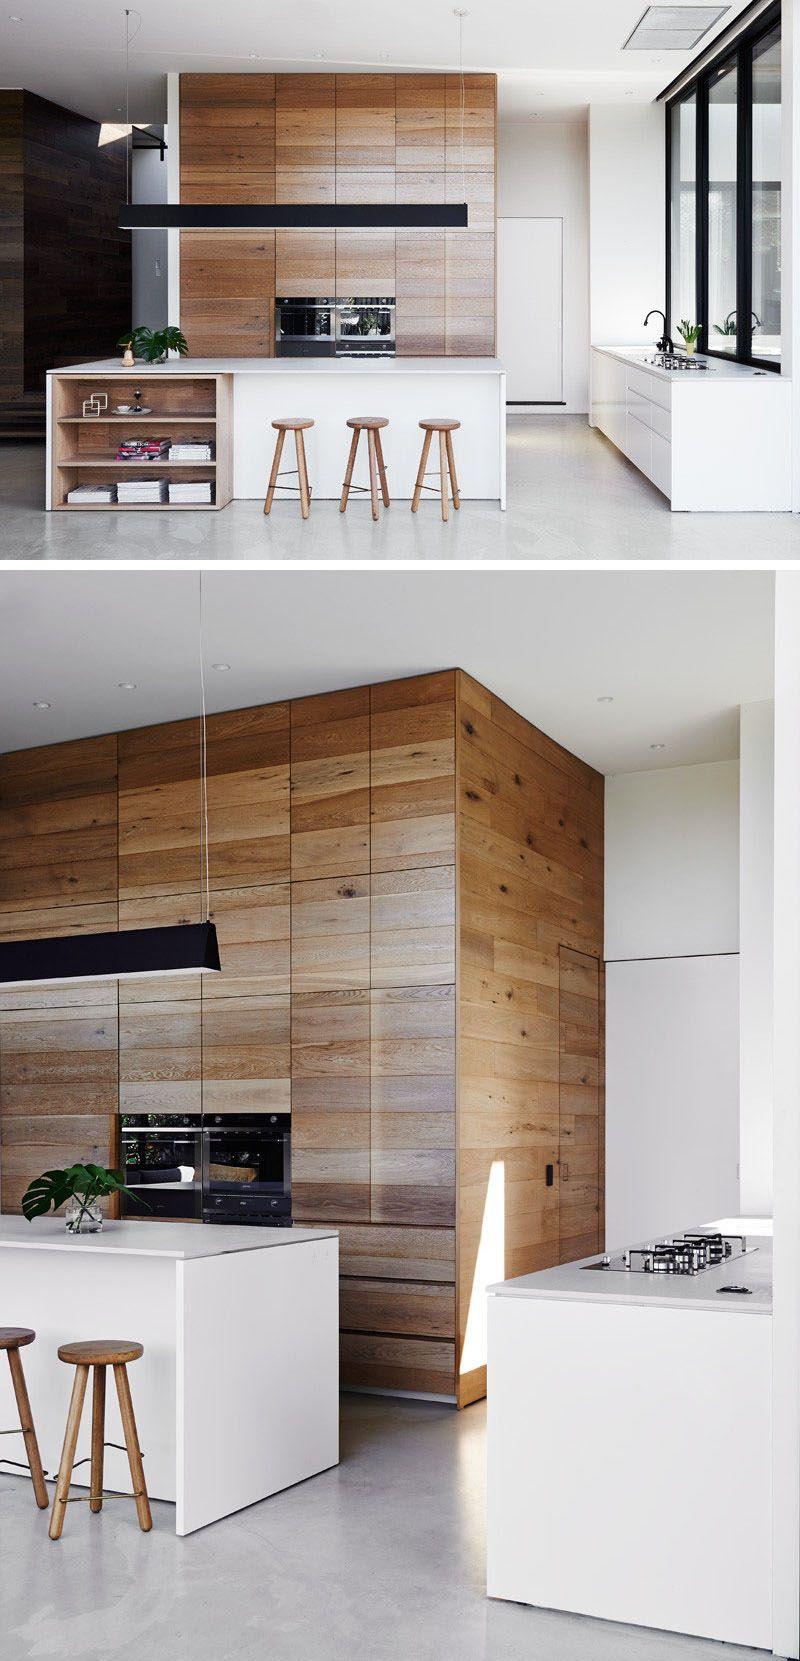 Concrete Kitchen Floor Inspiration | Kitchen ideas | Pinterest ...